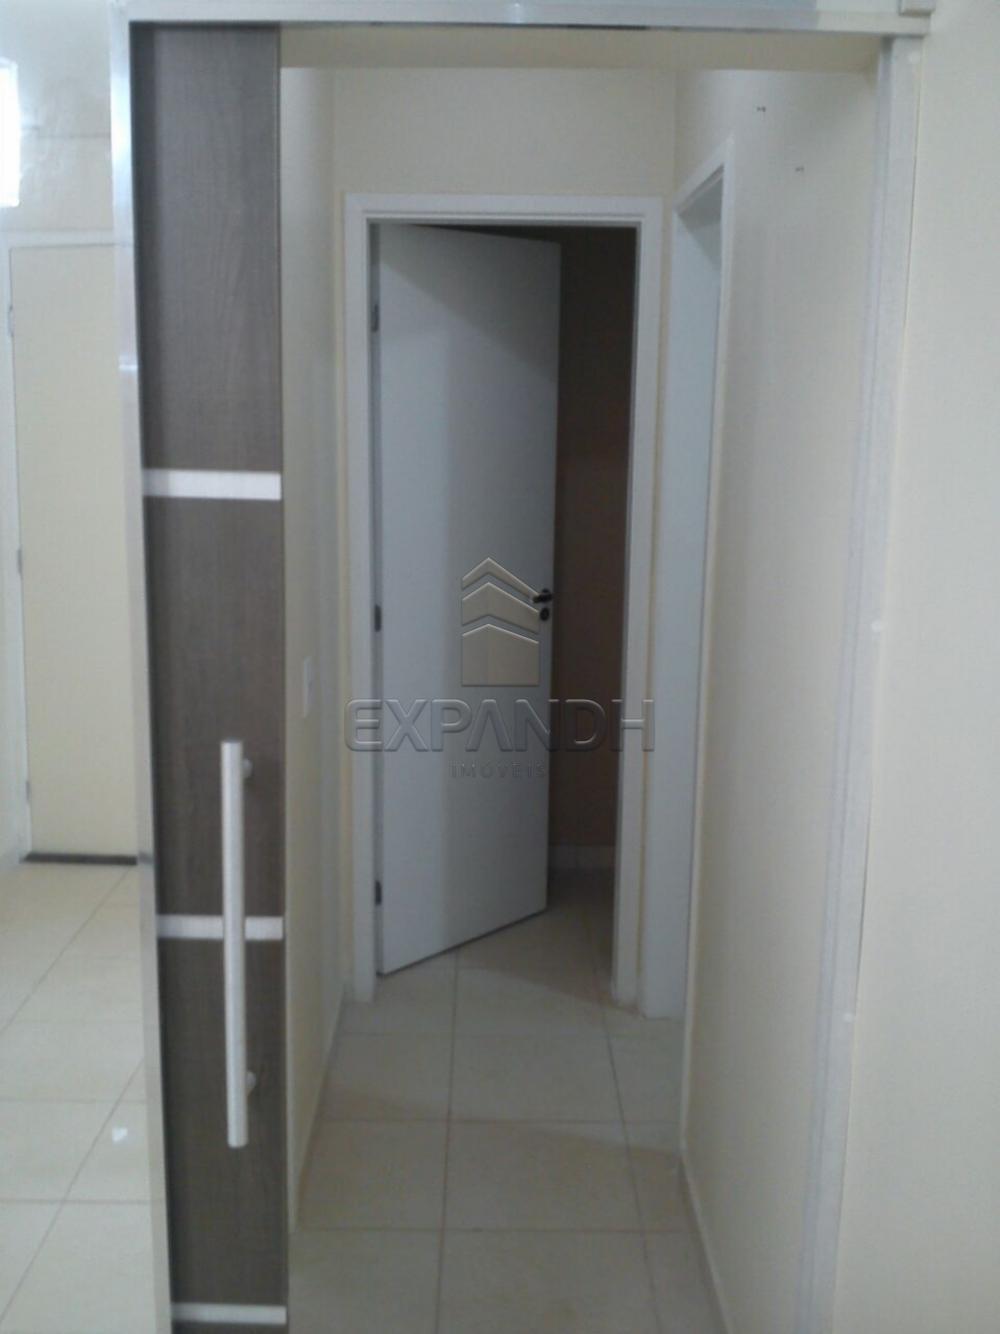 Comprar Apartamentos / Padrão em Ribeirão Preto R$ 180.000,00 - Foto 15